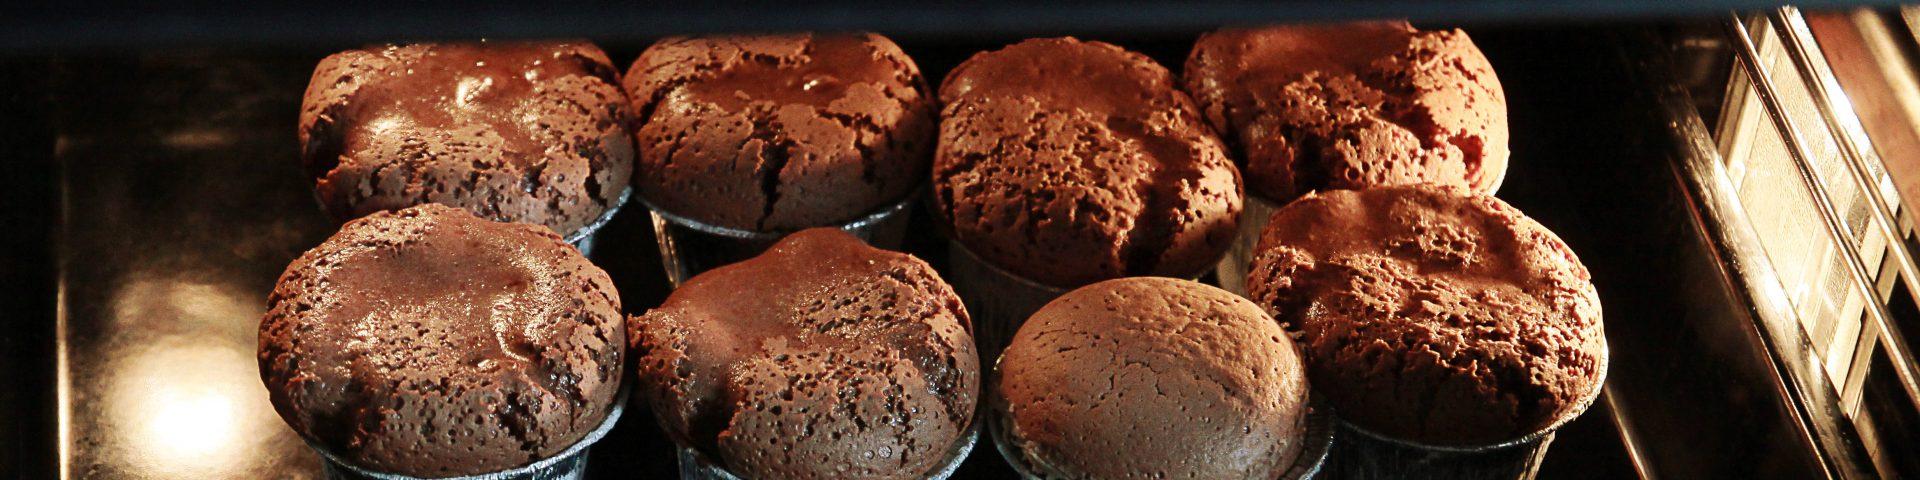 food 1789134 1920x480 - Czekoladowe muffiny na porto